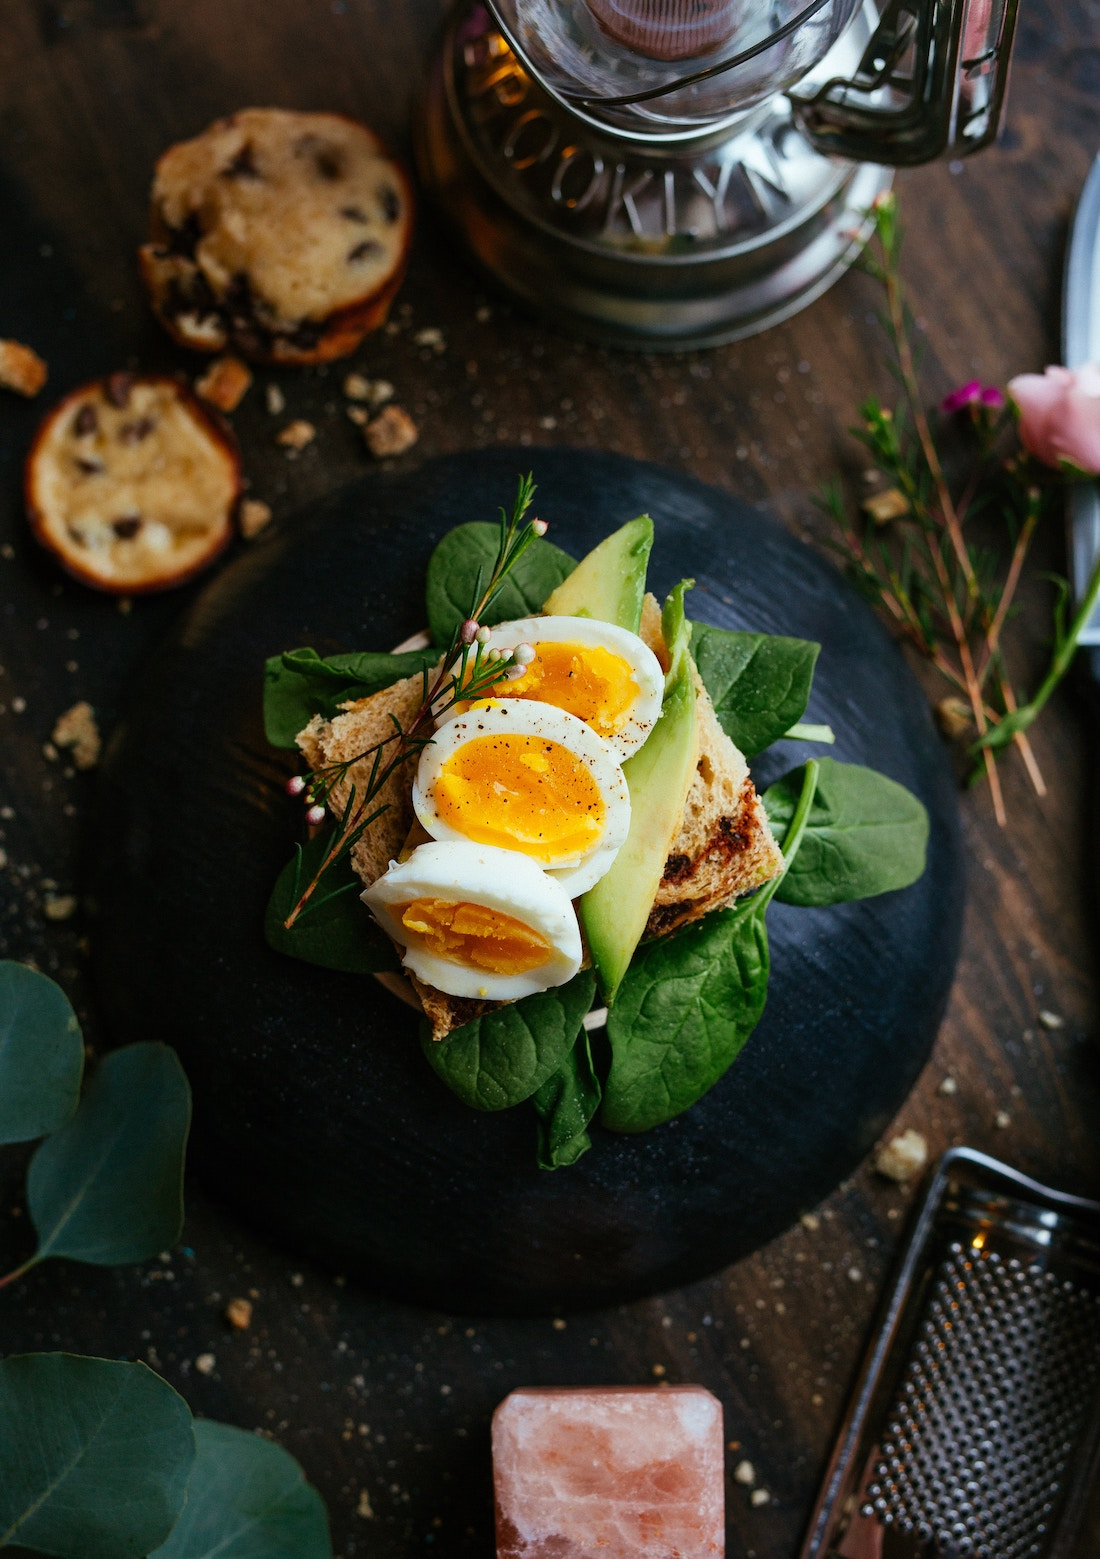 sándwich de pan integral con huevo cocido, aguacate y lechuga